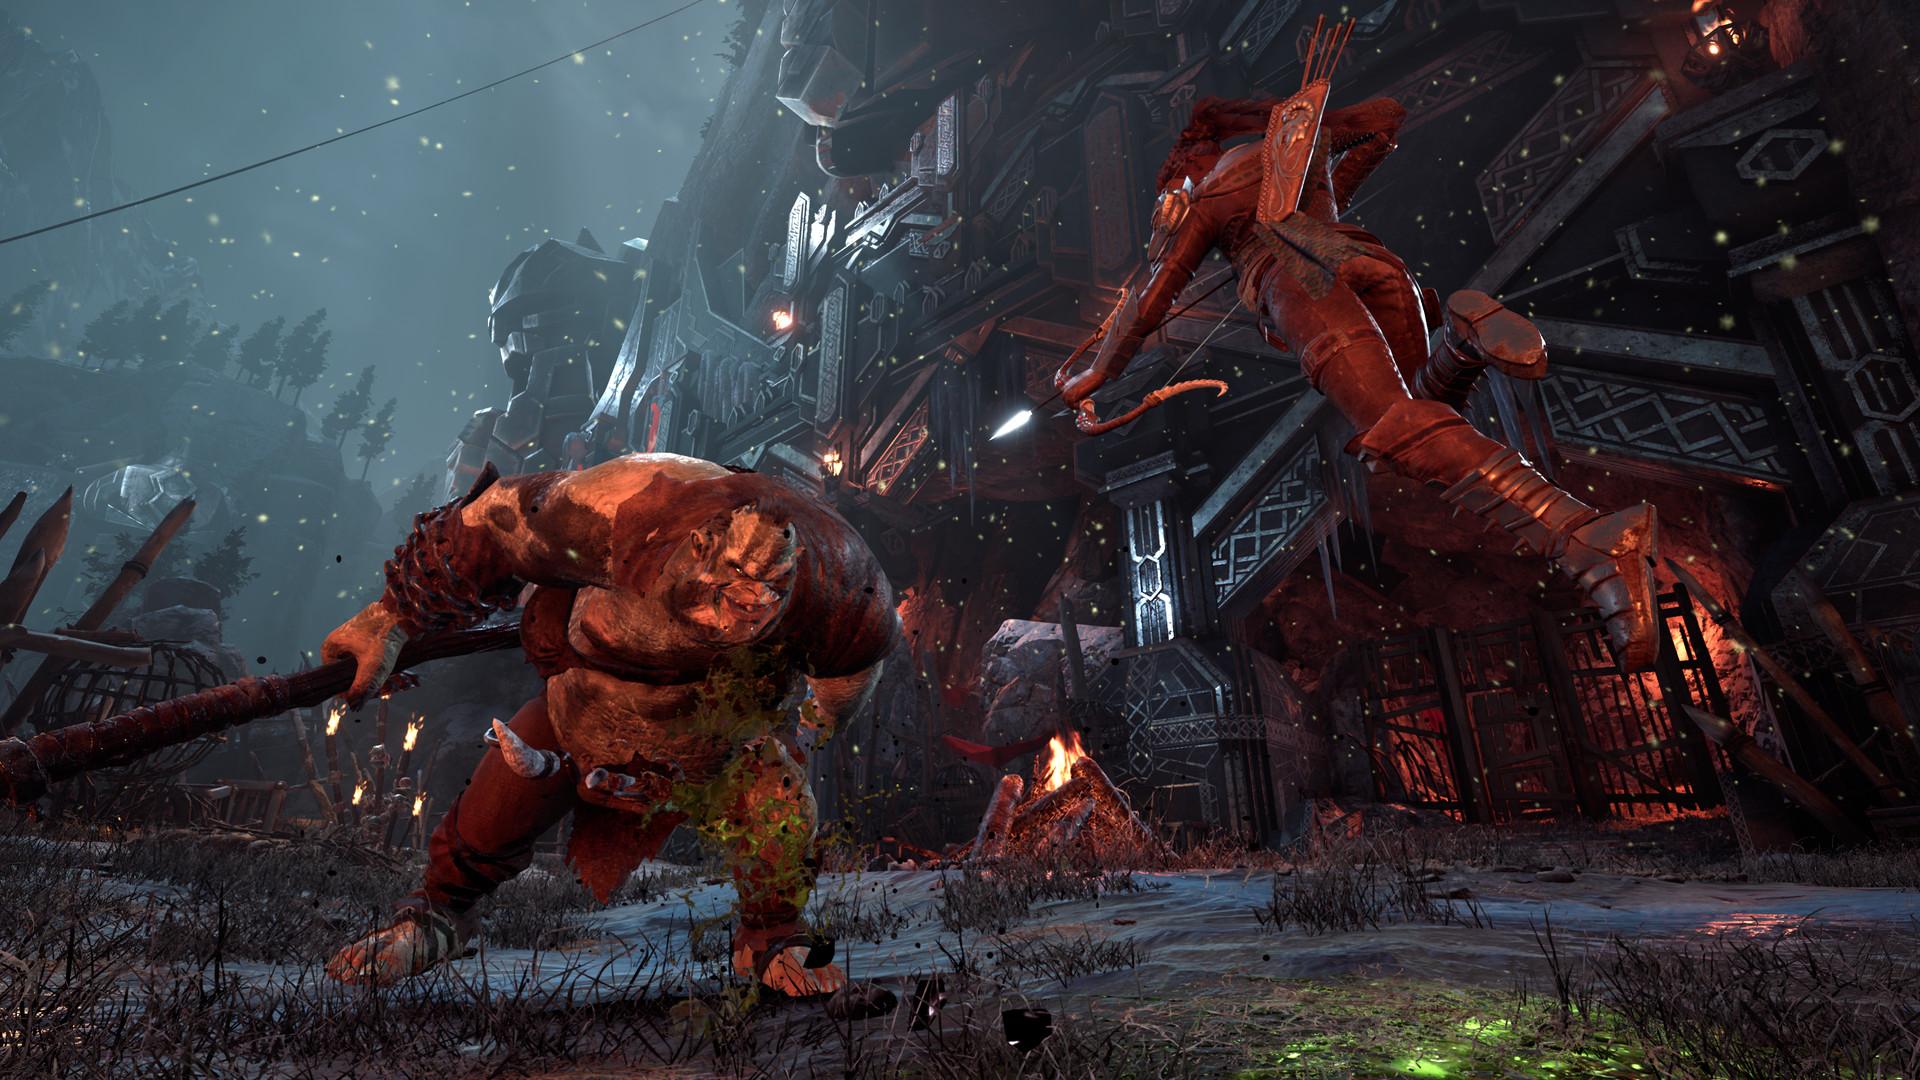 龙与地下城:黑暗联盟图片